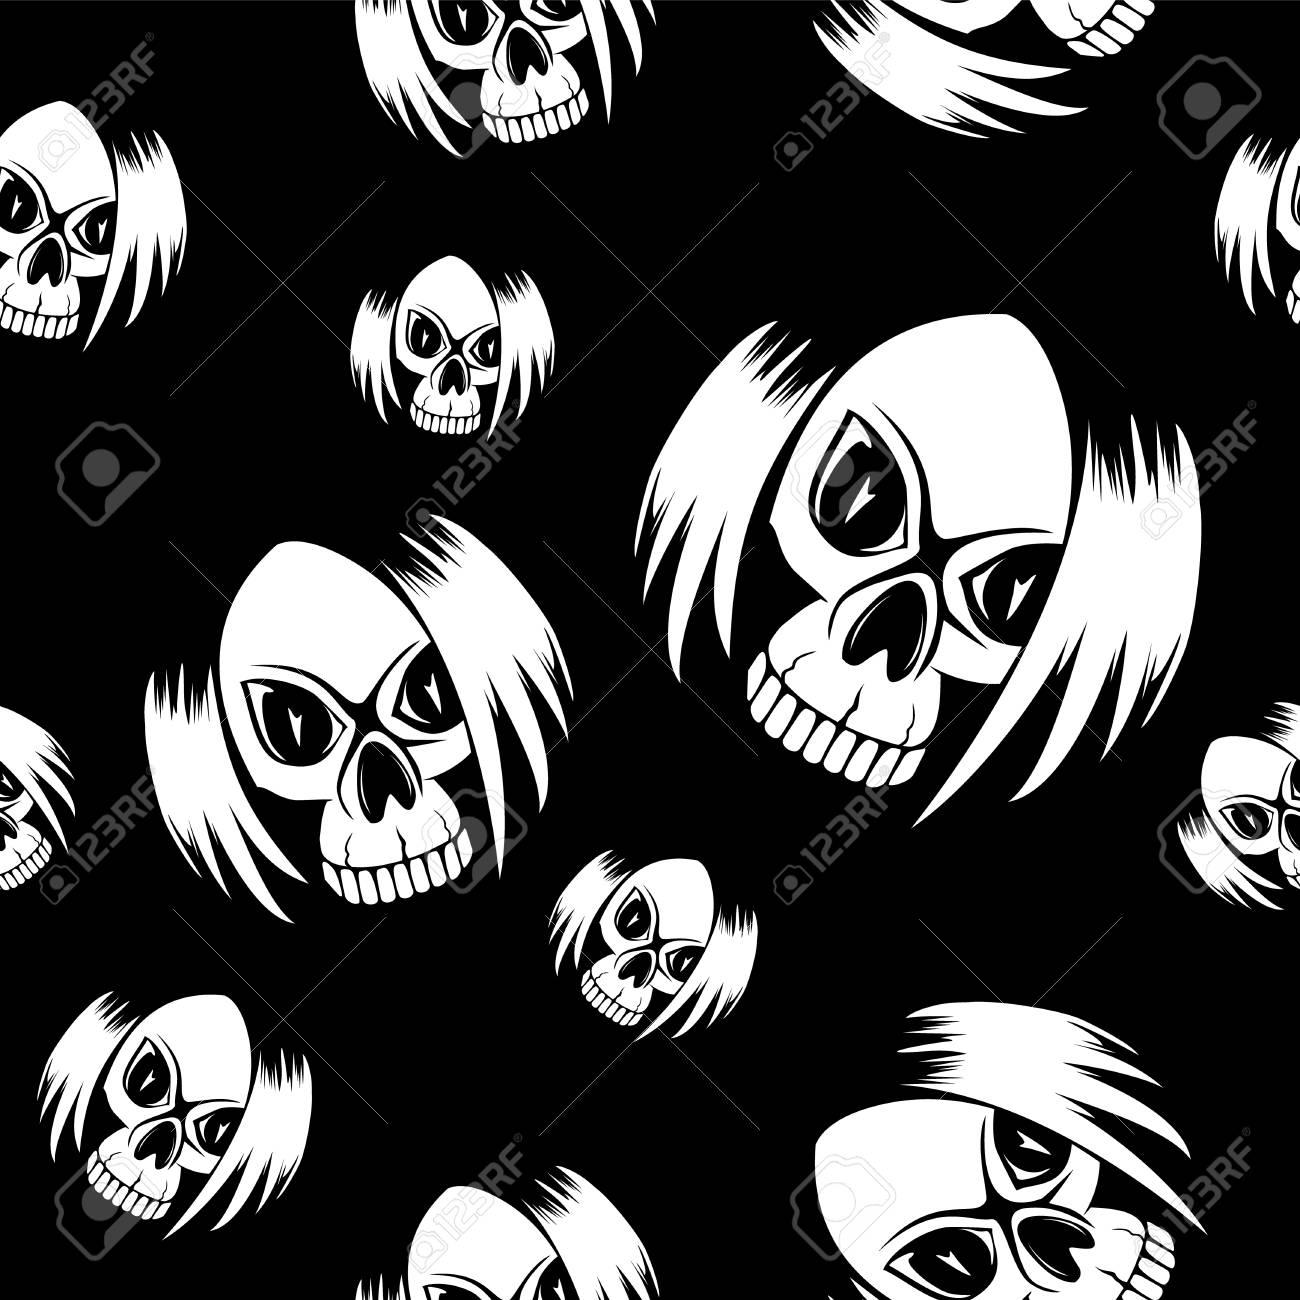 Vector Ilustración De Dibujos Animados Emo Negro Chica Cráneo Con El